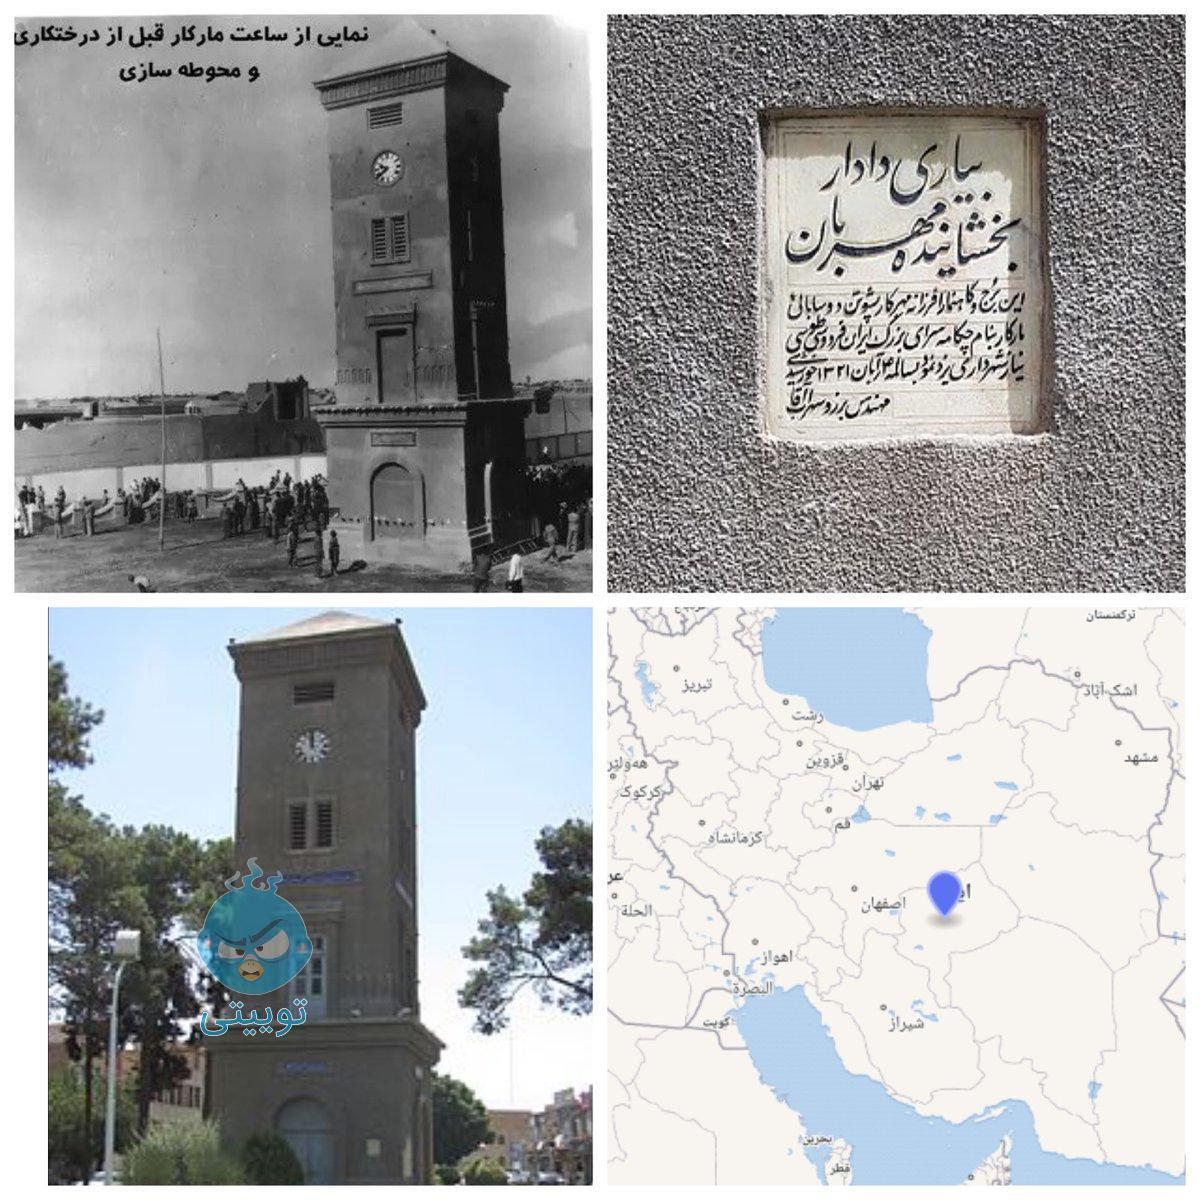 ساعتی که در مرکز ایران ساخته شد+عکس